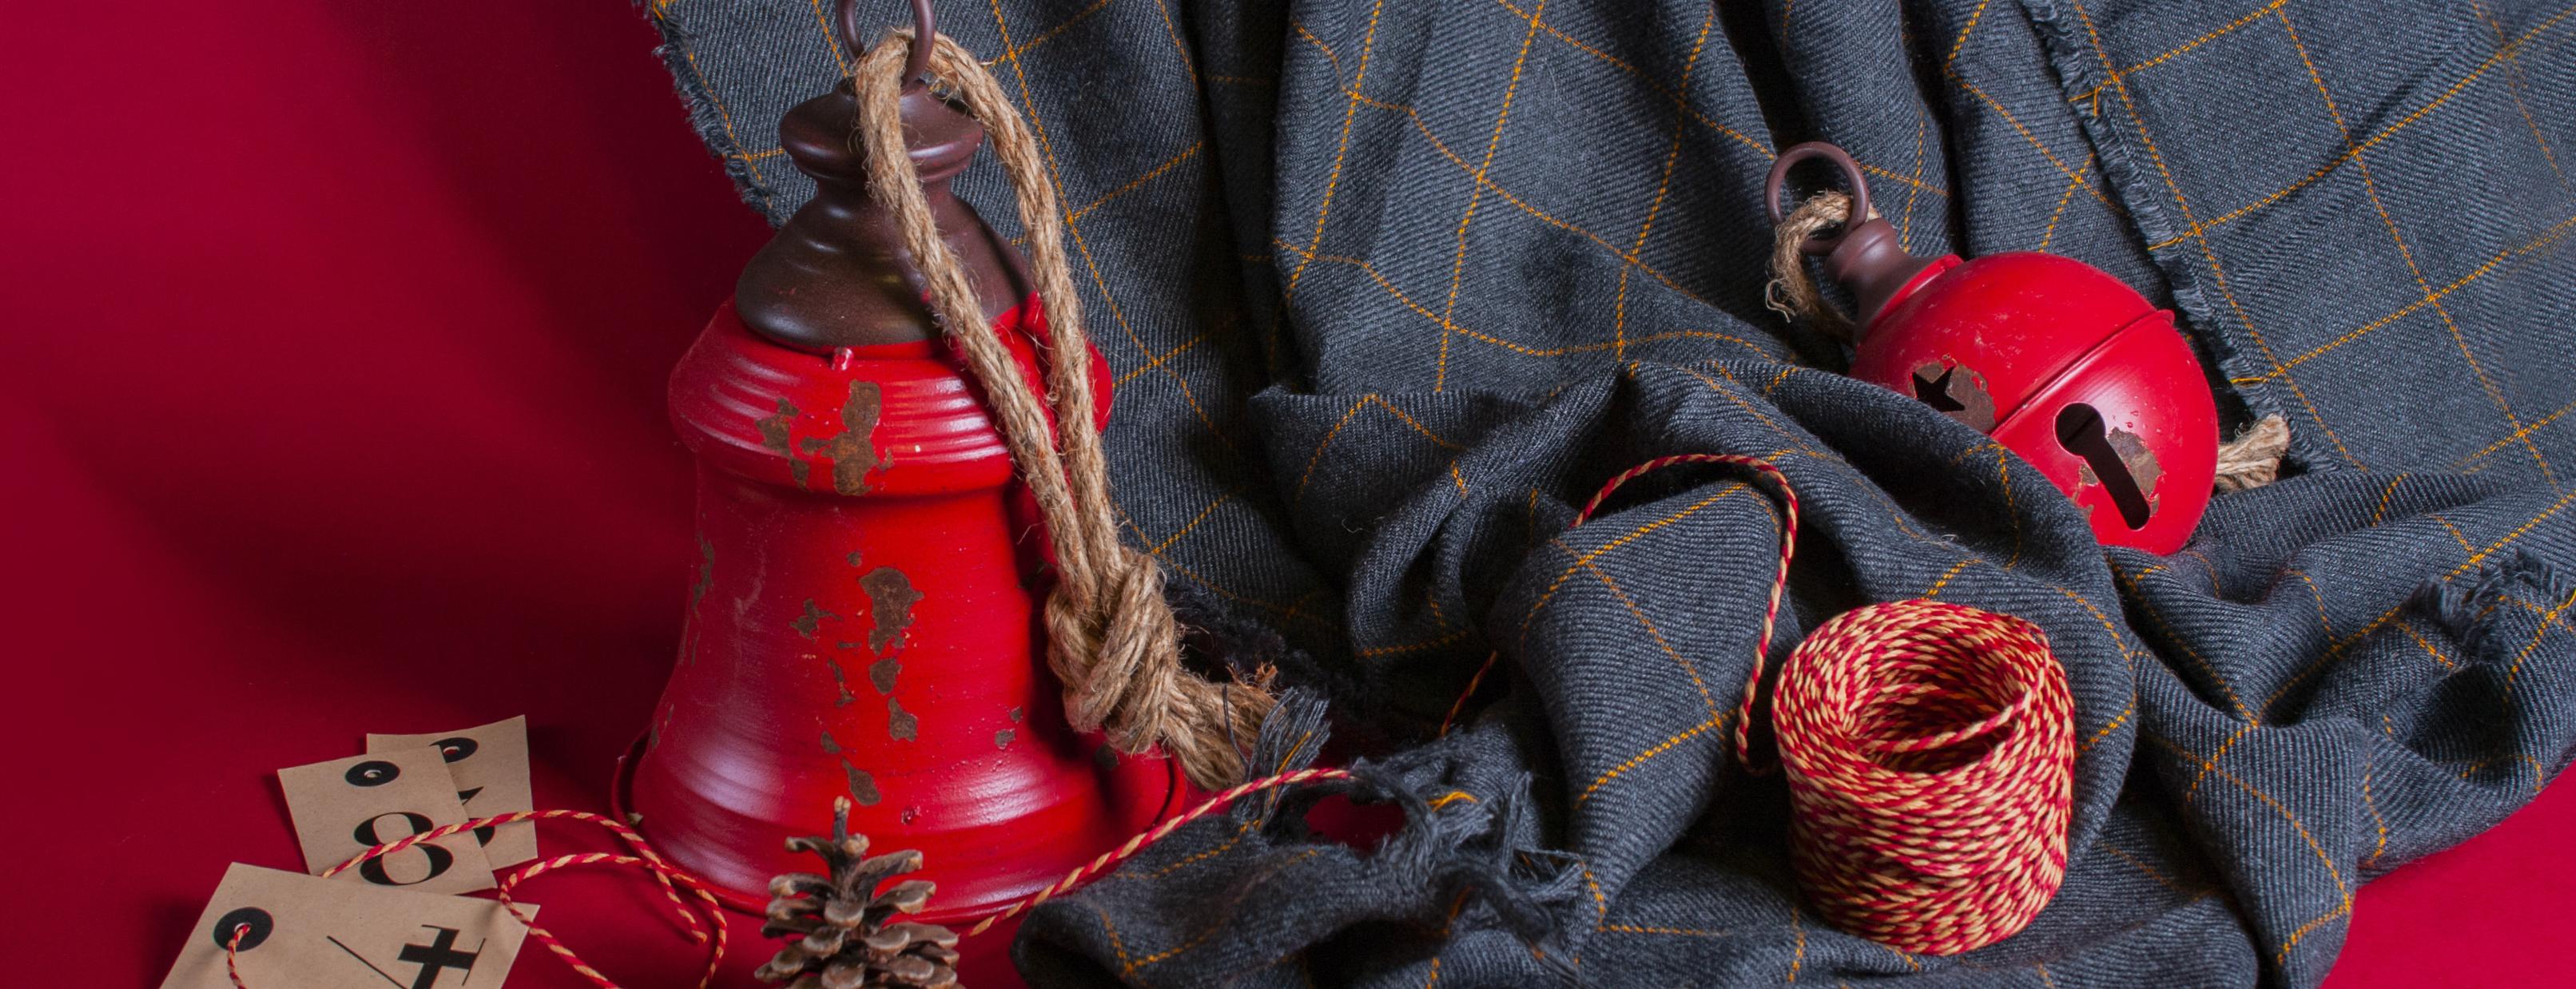 Decora la tua casa per le feste di Natale ma dandole un tocco del tutto nuovo. Scopri la nostra collezione di campane e sonagli in latta dallo stile grunge.